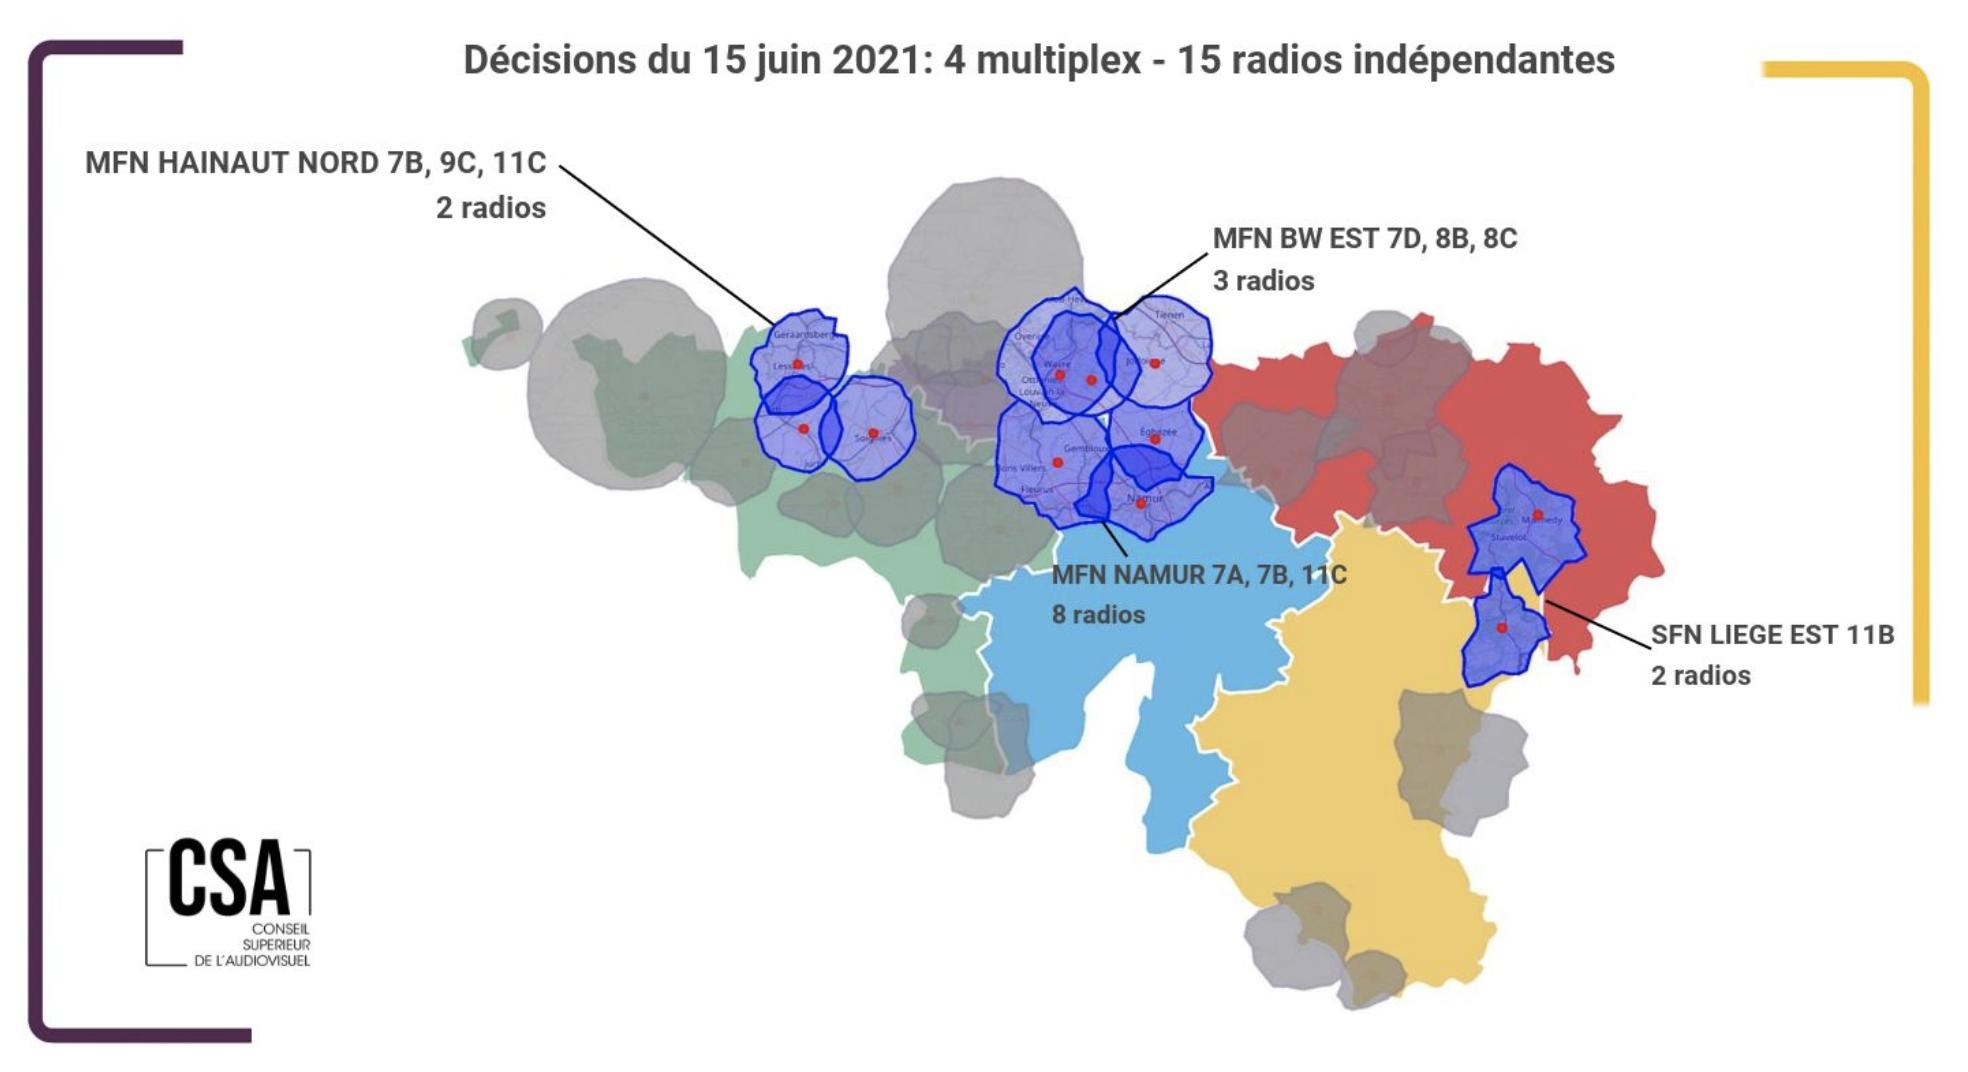 À ce jour, depuis le plan de fréquences 2019, 8 opérateurs ont été autorisés pour la diffusion en DAB+ de radios indépendantes © CSA Belgique